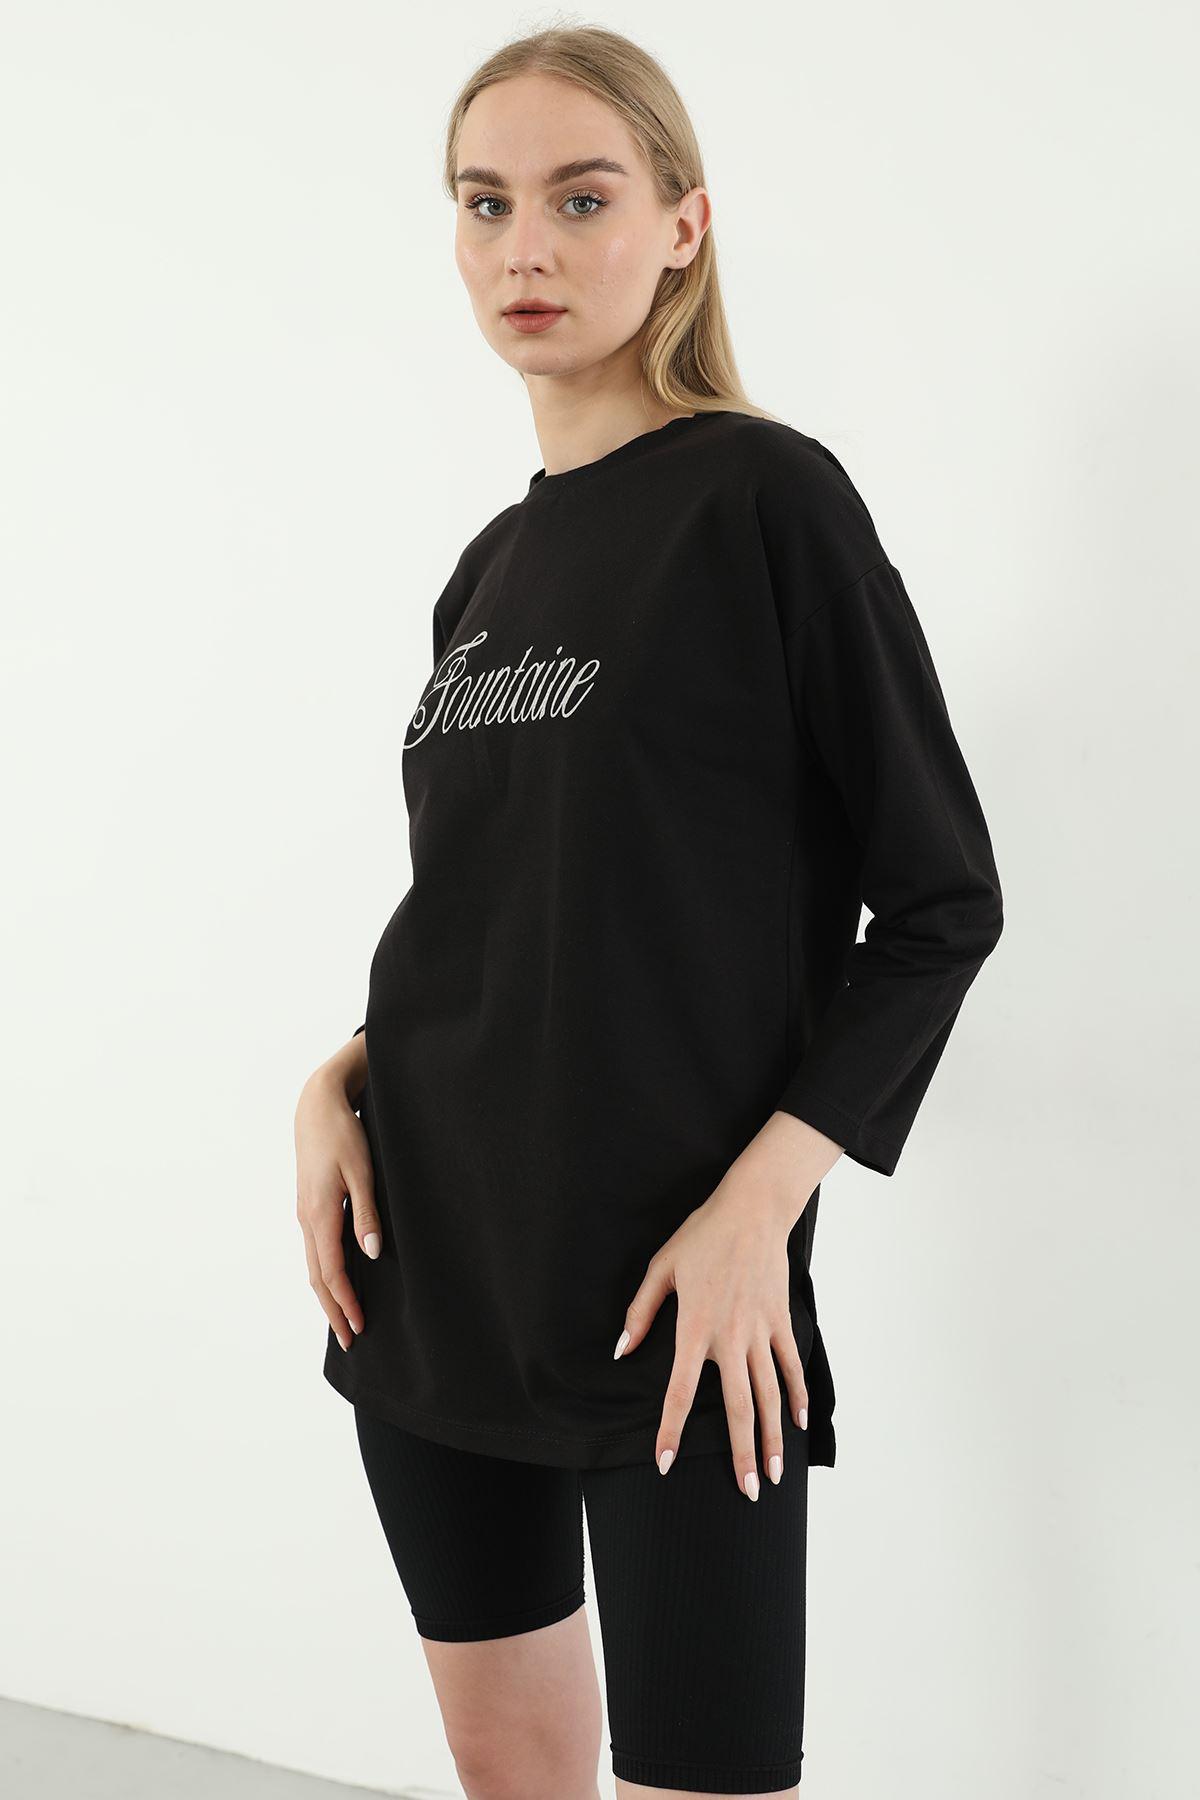 Fountine Baskılı Sweatshirt-Siyah